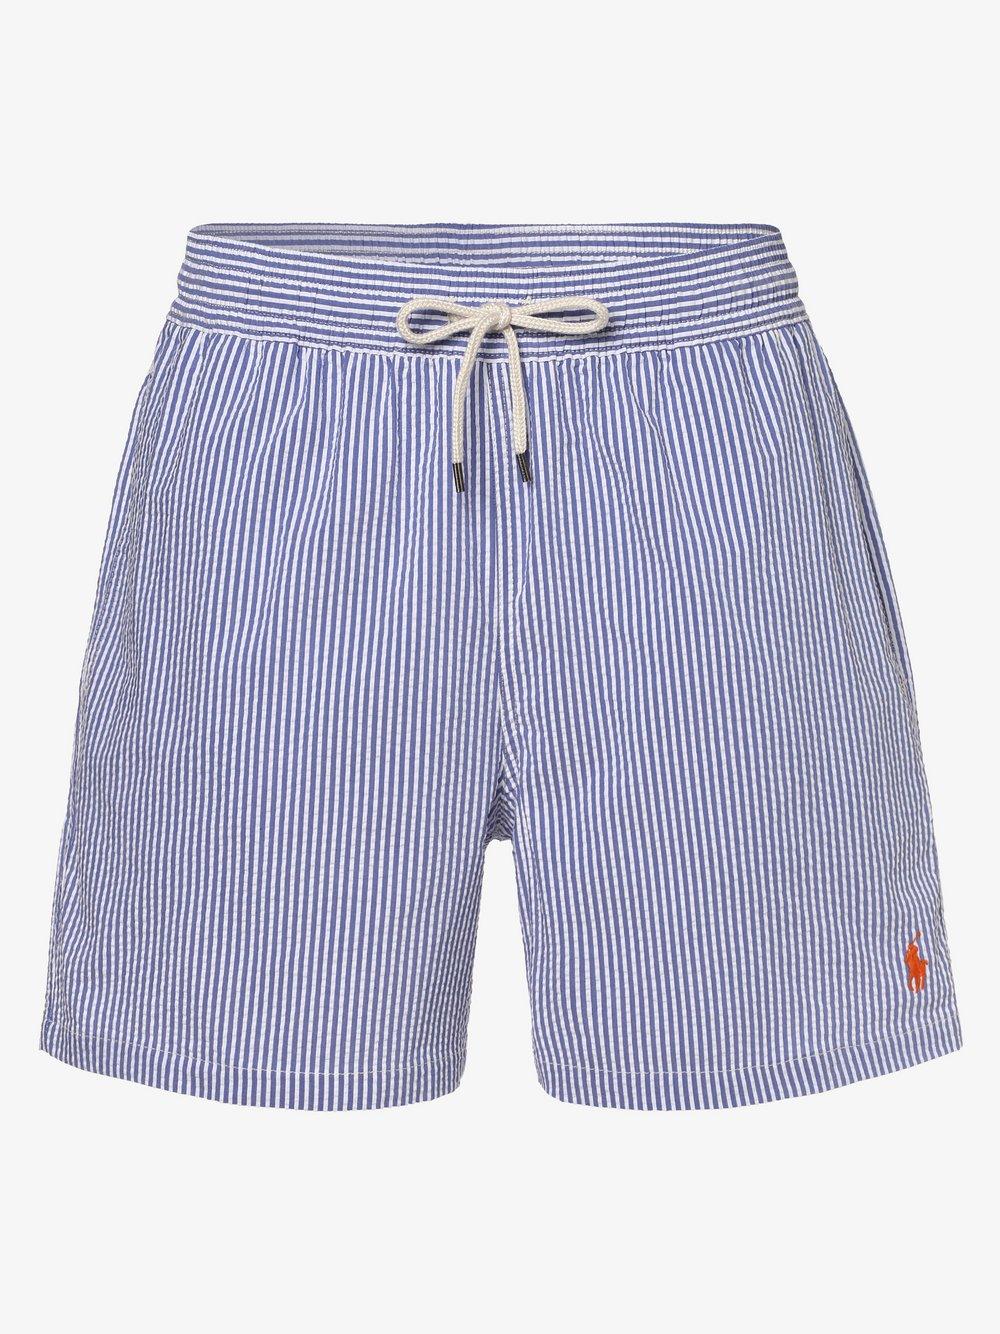 Polo Ralph Lauren - Męskie spodenki kąpielowe, niebieski